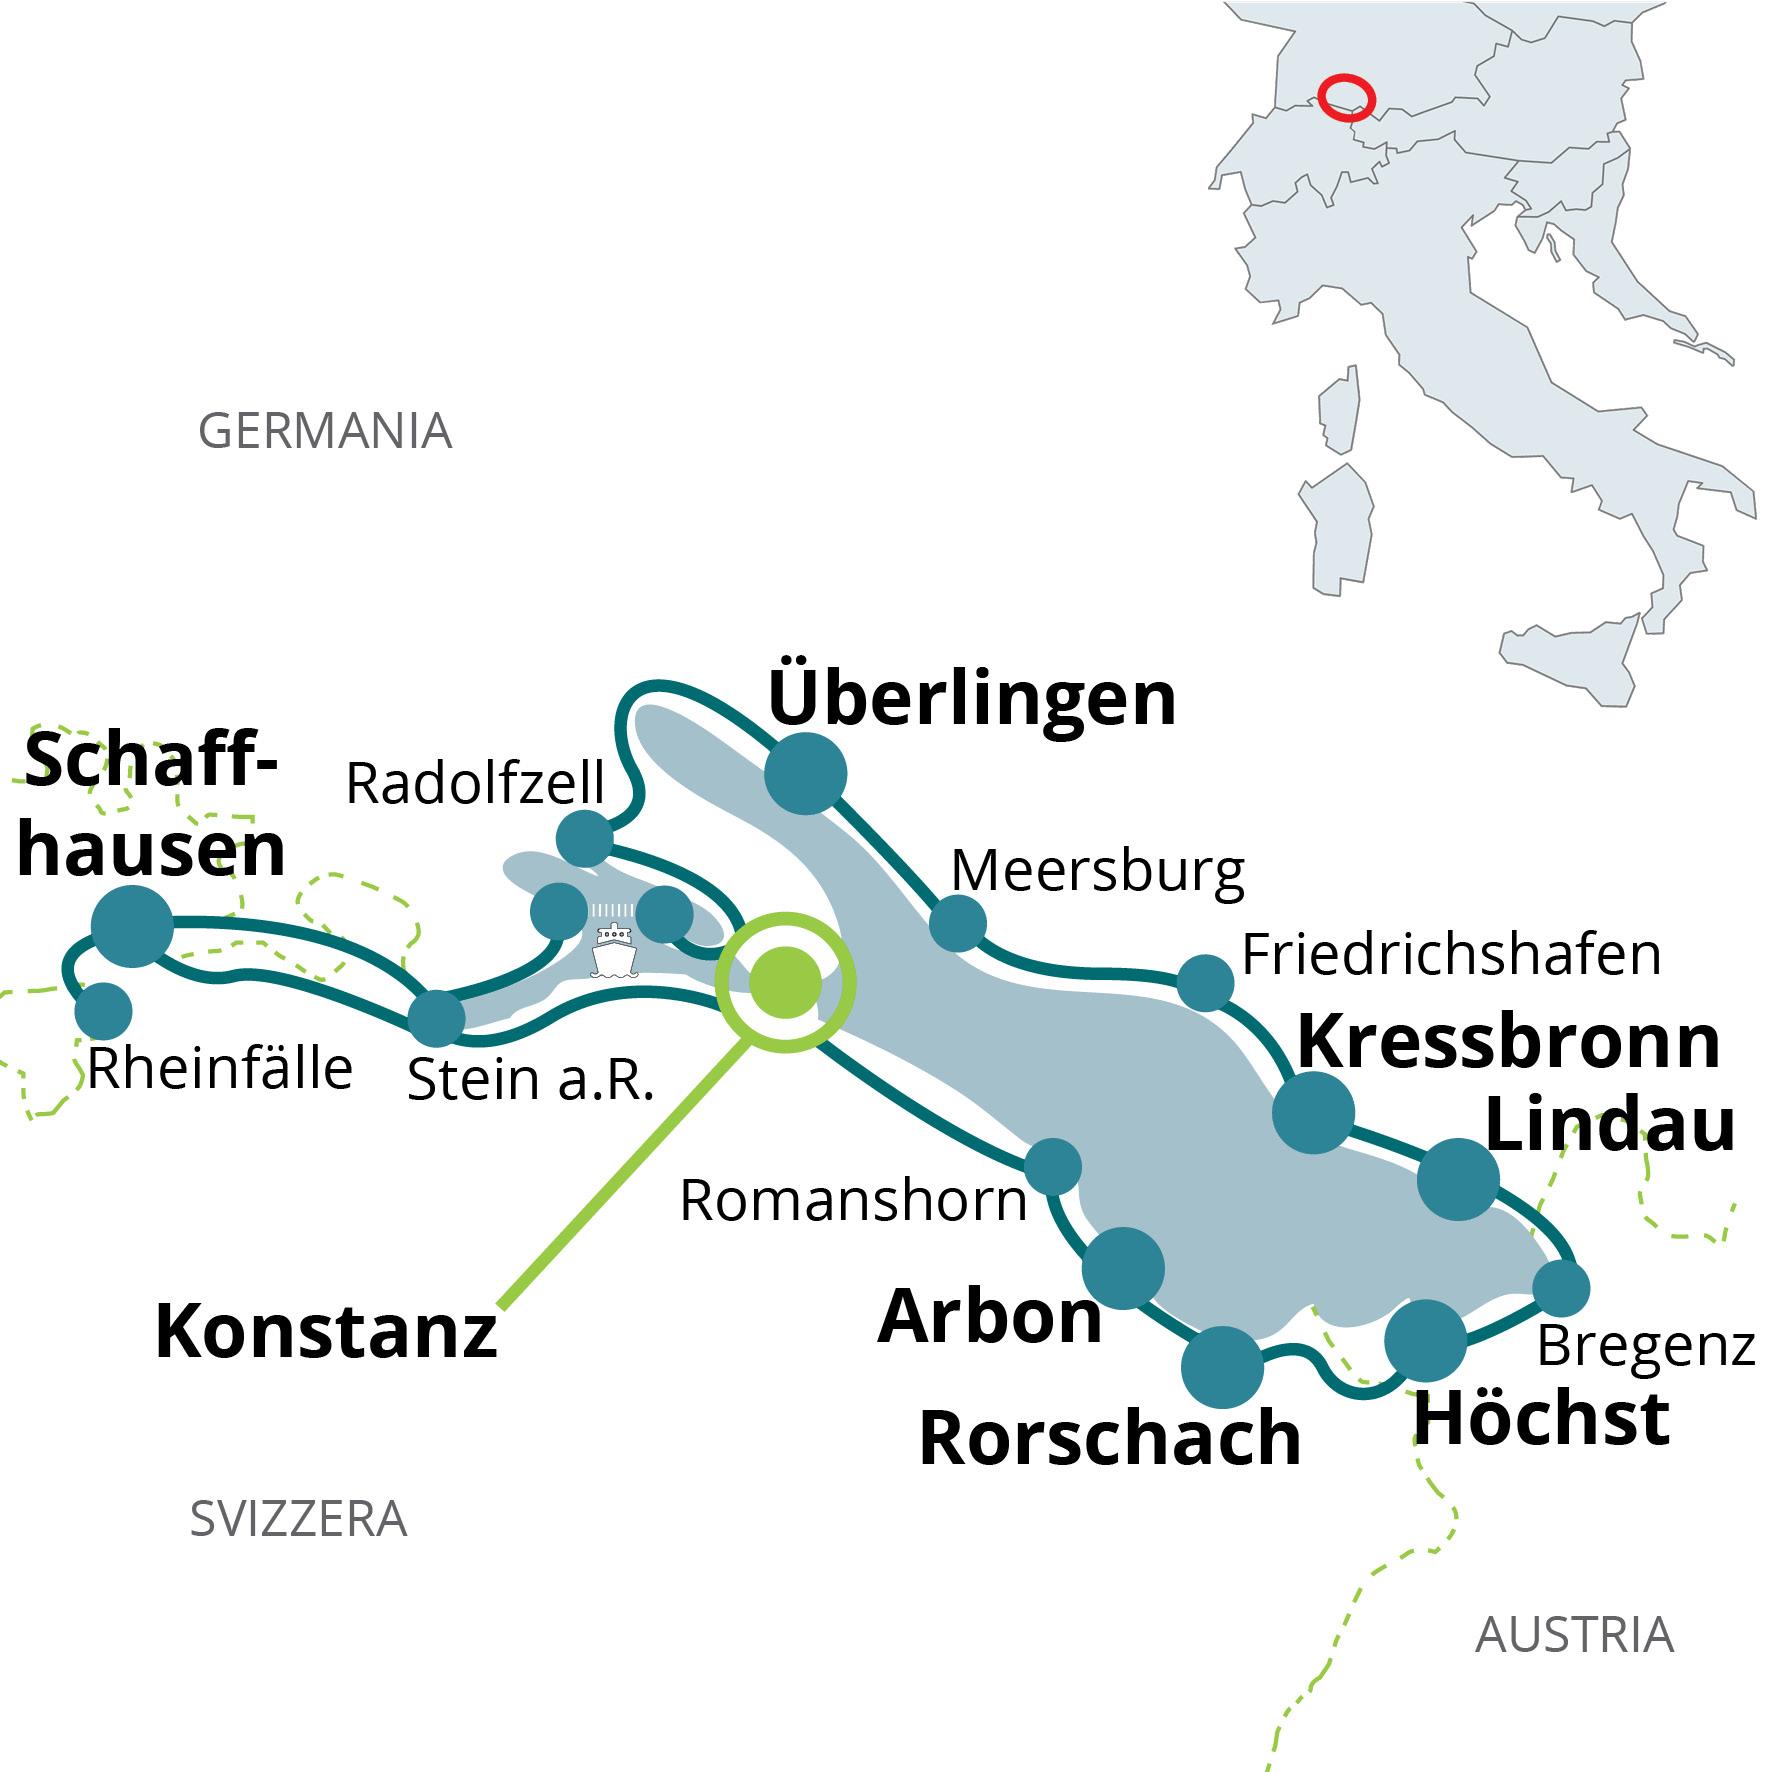 Lago Di Costanza Germania Cartina.Viaggio In Bici Il Lago Di Costanza E Le Cascate Del Reno Funactive Tours